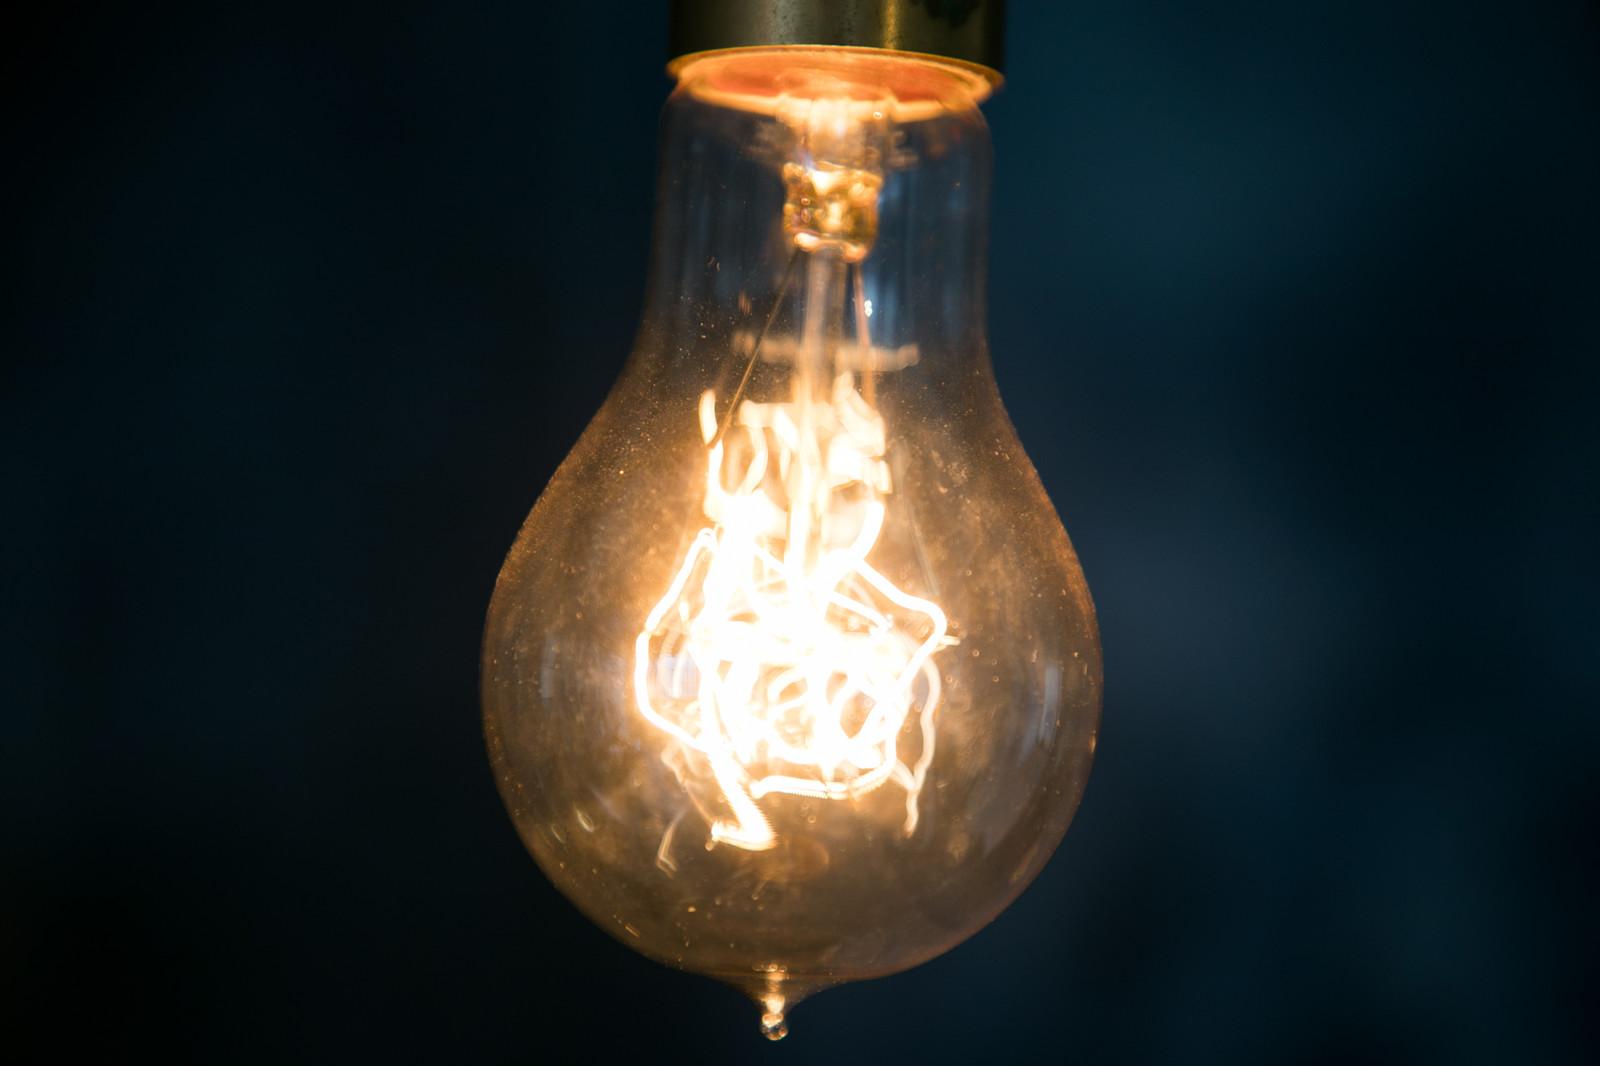 ソフトバンクの【おうち割でんきセット】でスマホや電気の料金を節約!